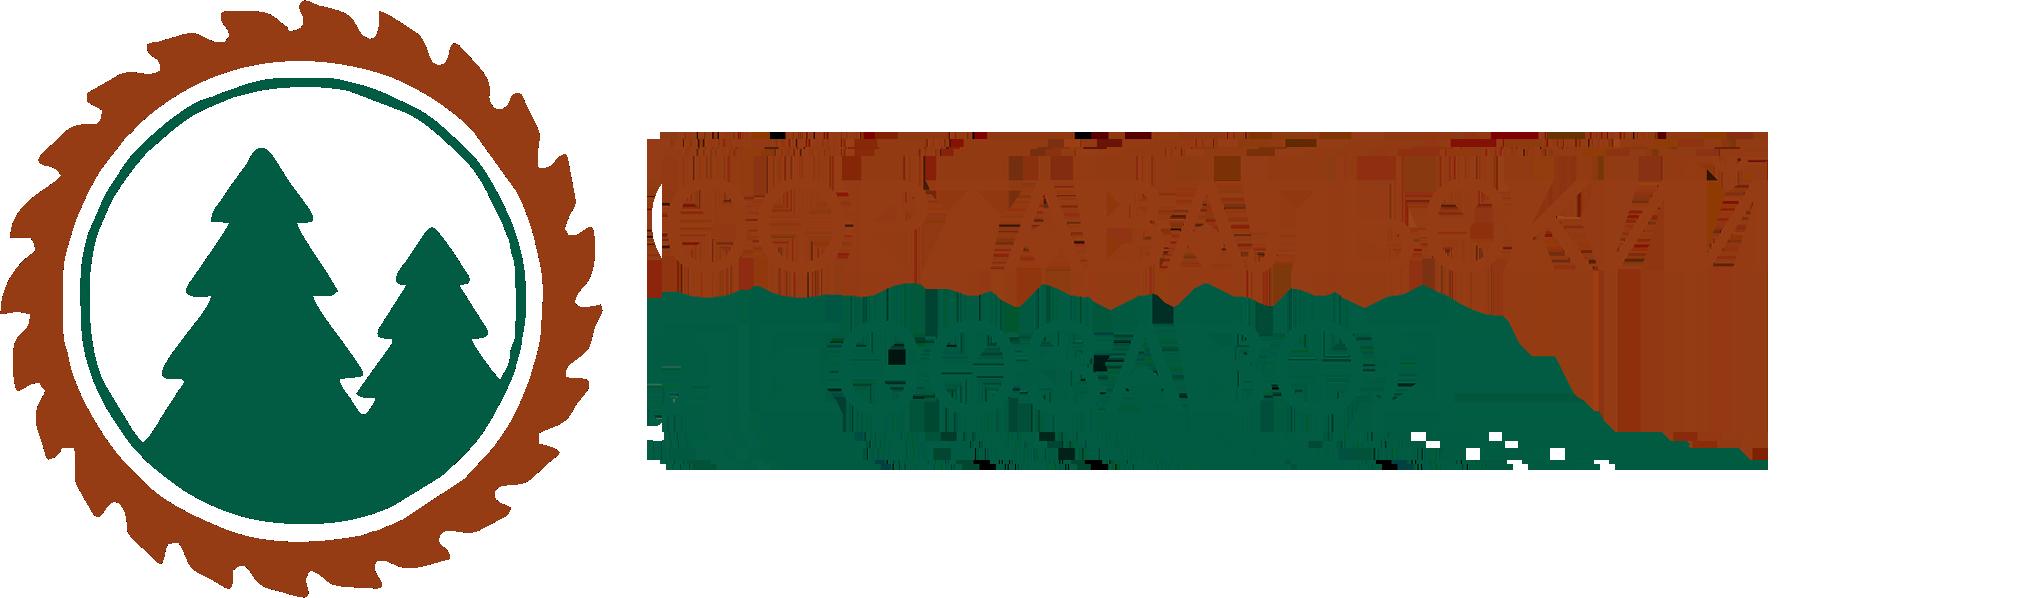 Сортавальский лесозавод